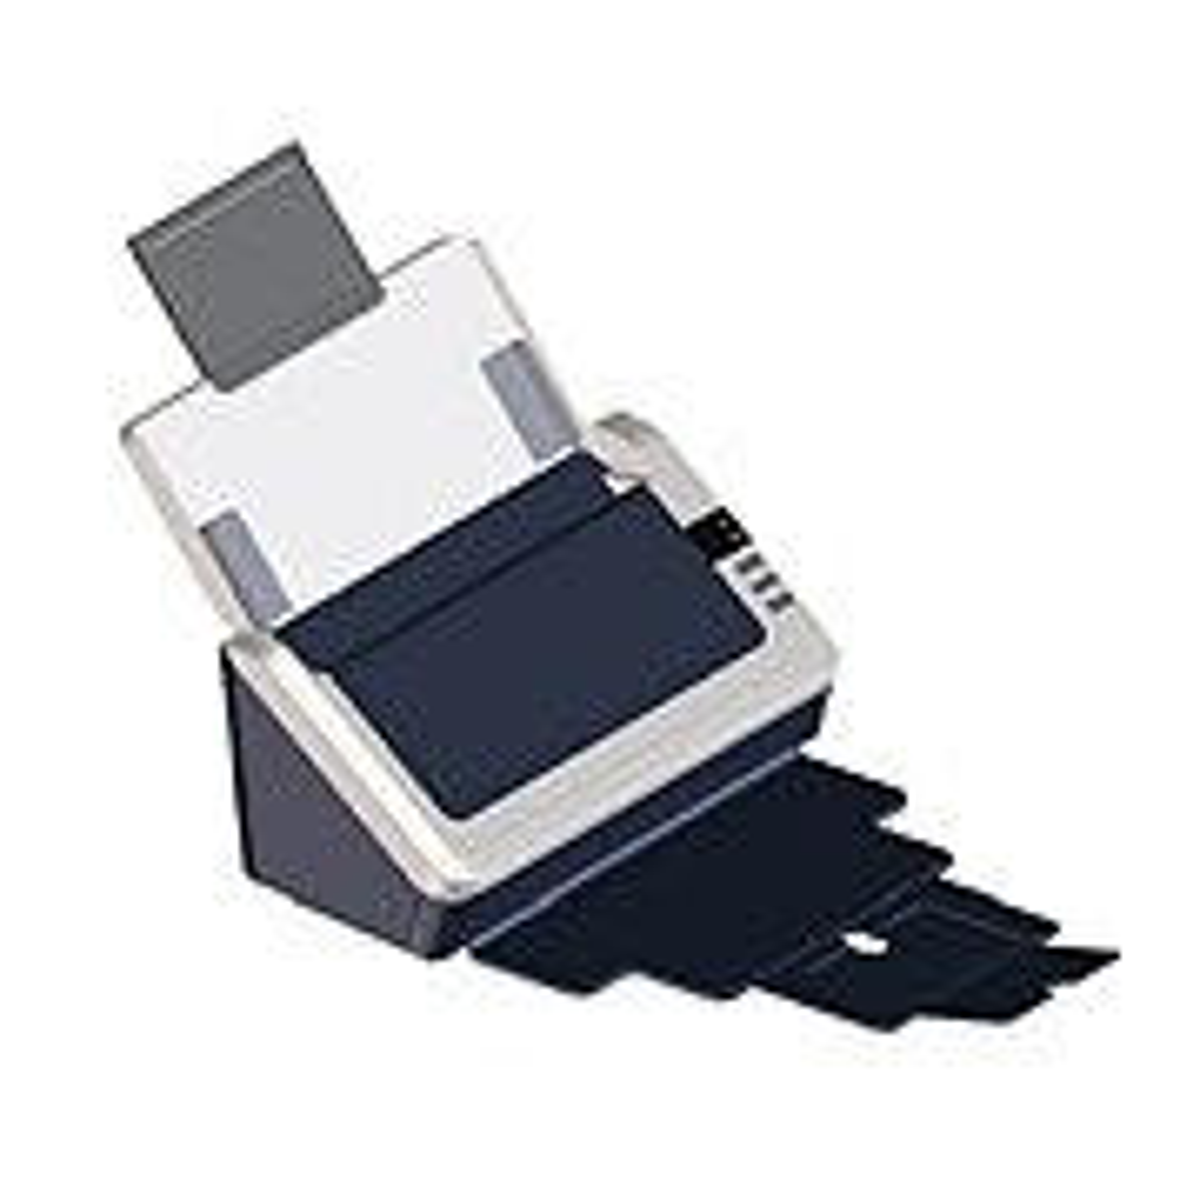 影源 S500 馈纸式扫描仪  (单位:台)